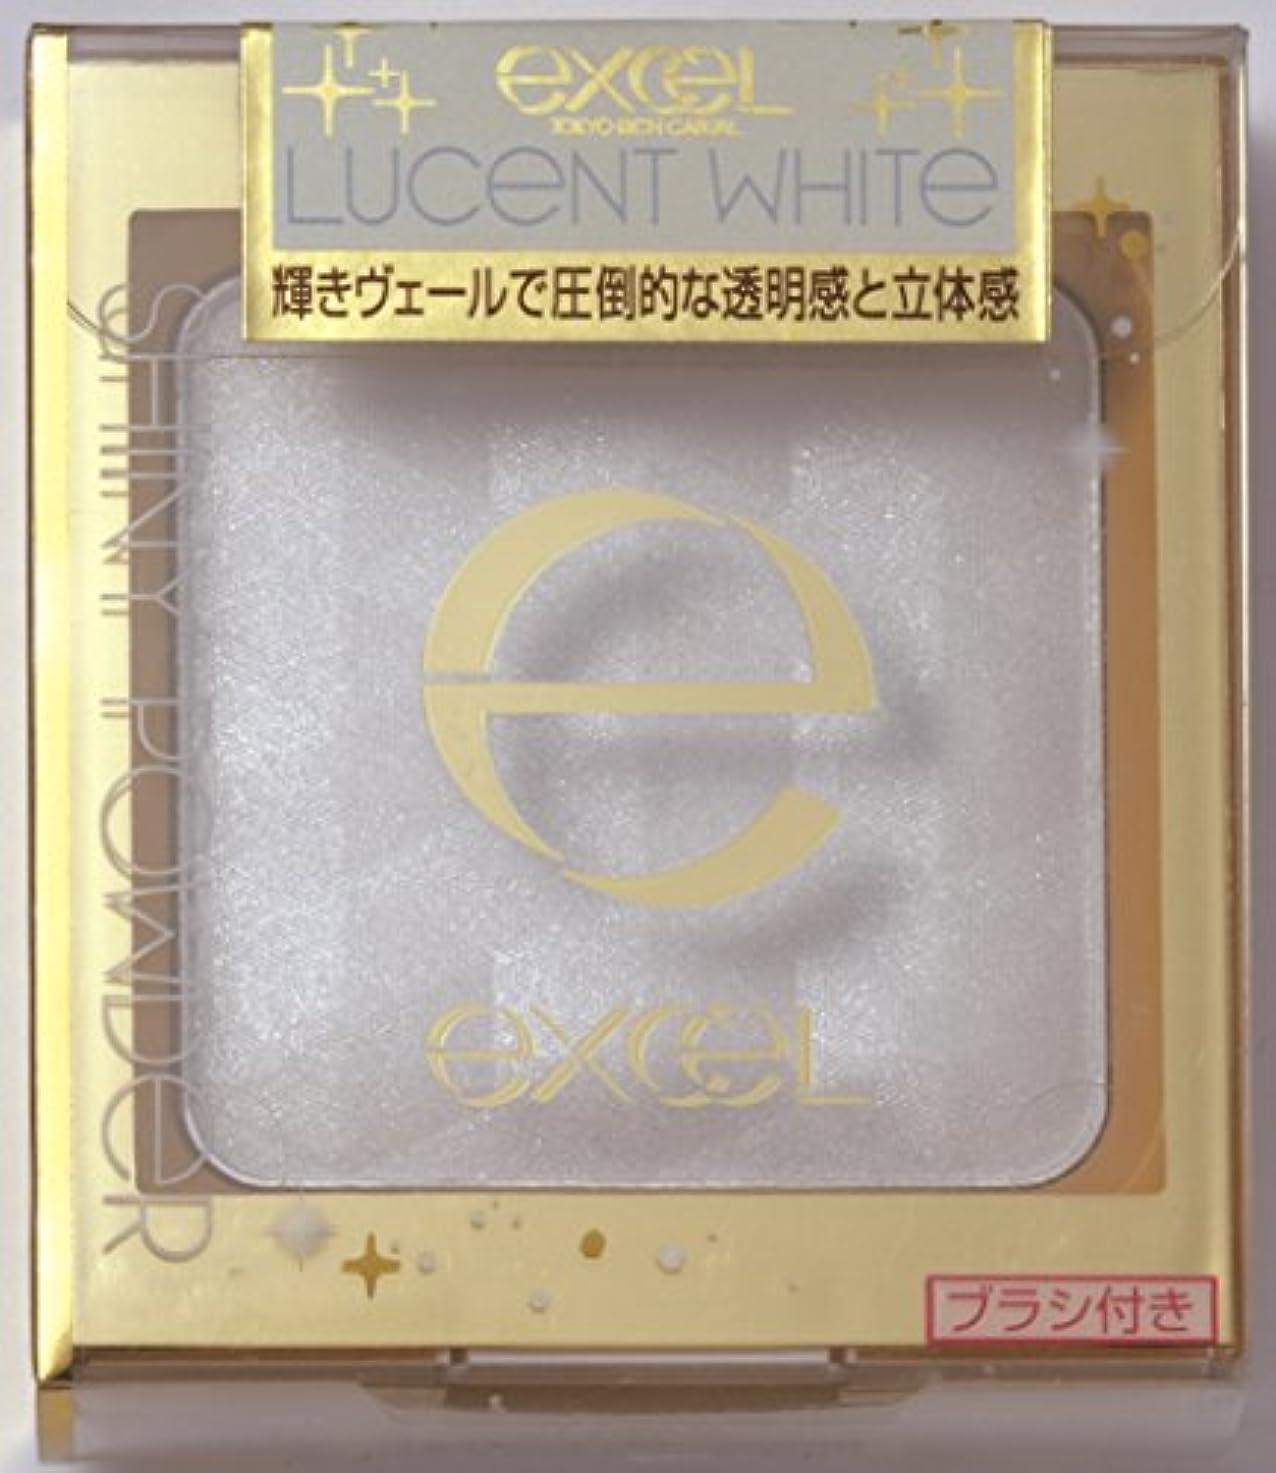 溢れんばかりの最小重要エクセル シャイニーパウダーN SN04 ルーセントホワイト 4.3g